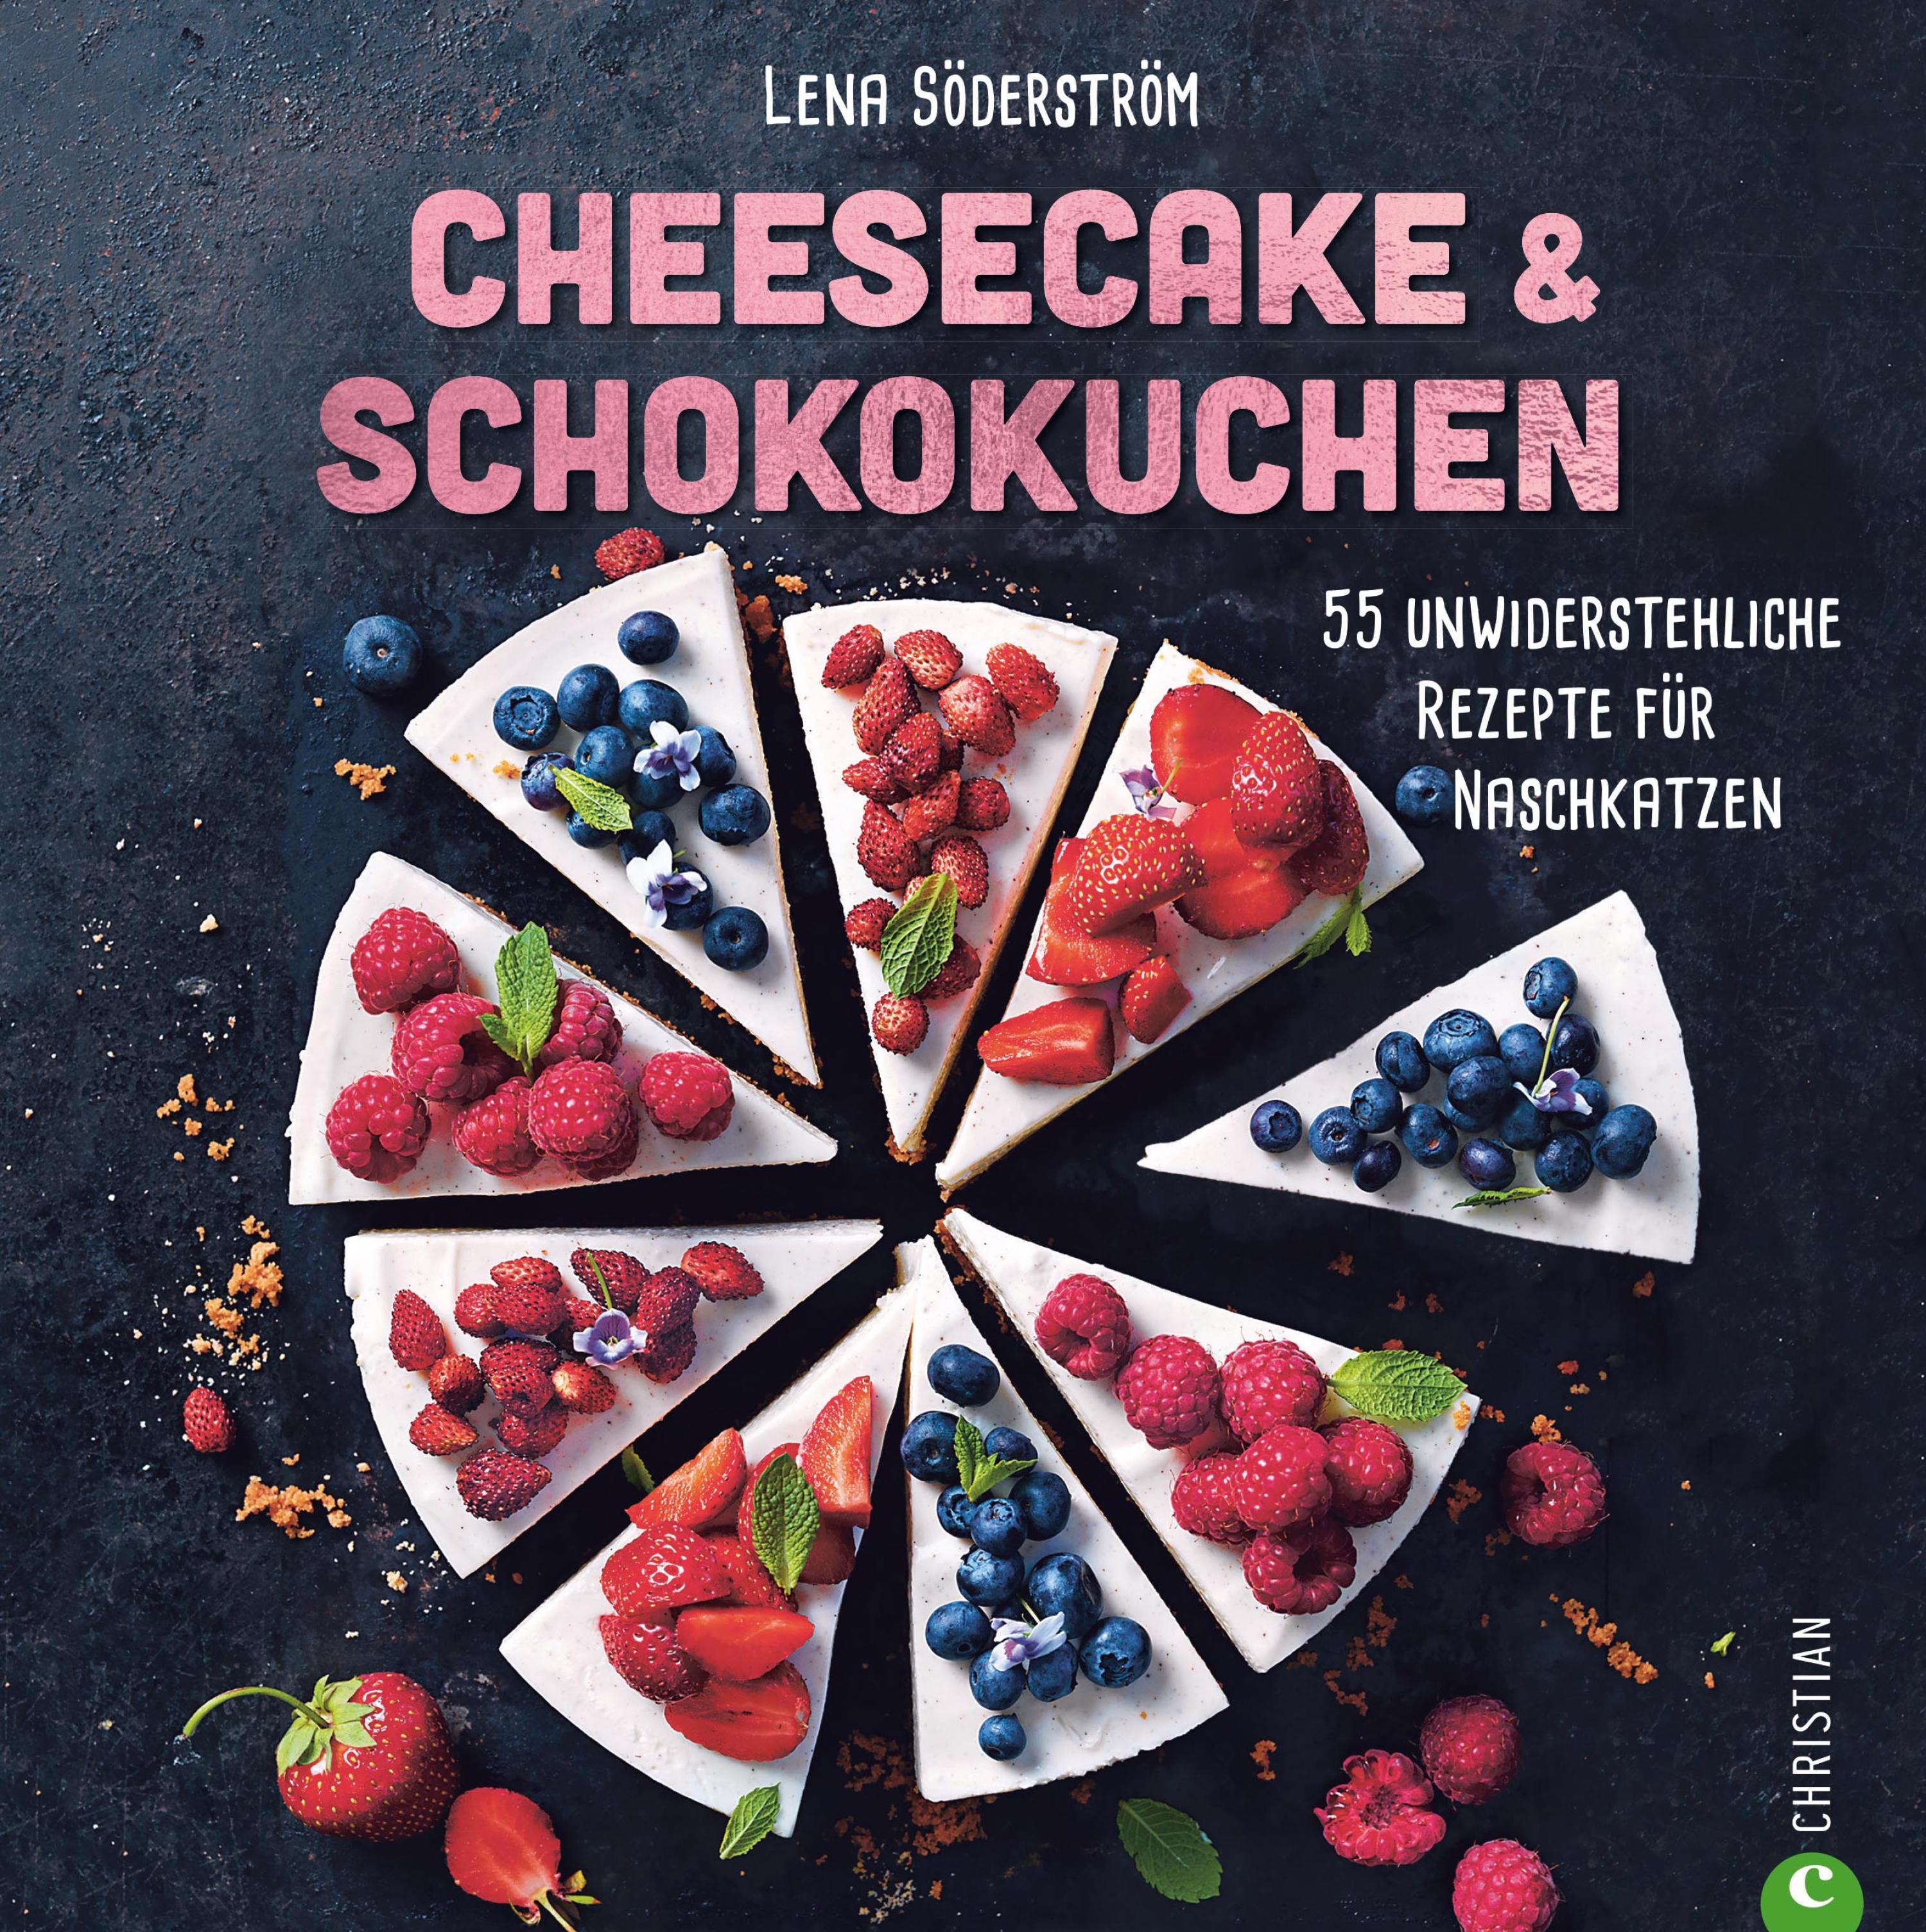 Lena Söderström Backbuch: Cheesecake & Schokokuchen - 55 unwiderstehliche Rezepte für Naschkatzen. цена 2017